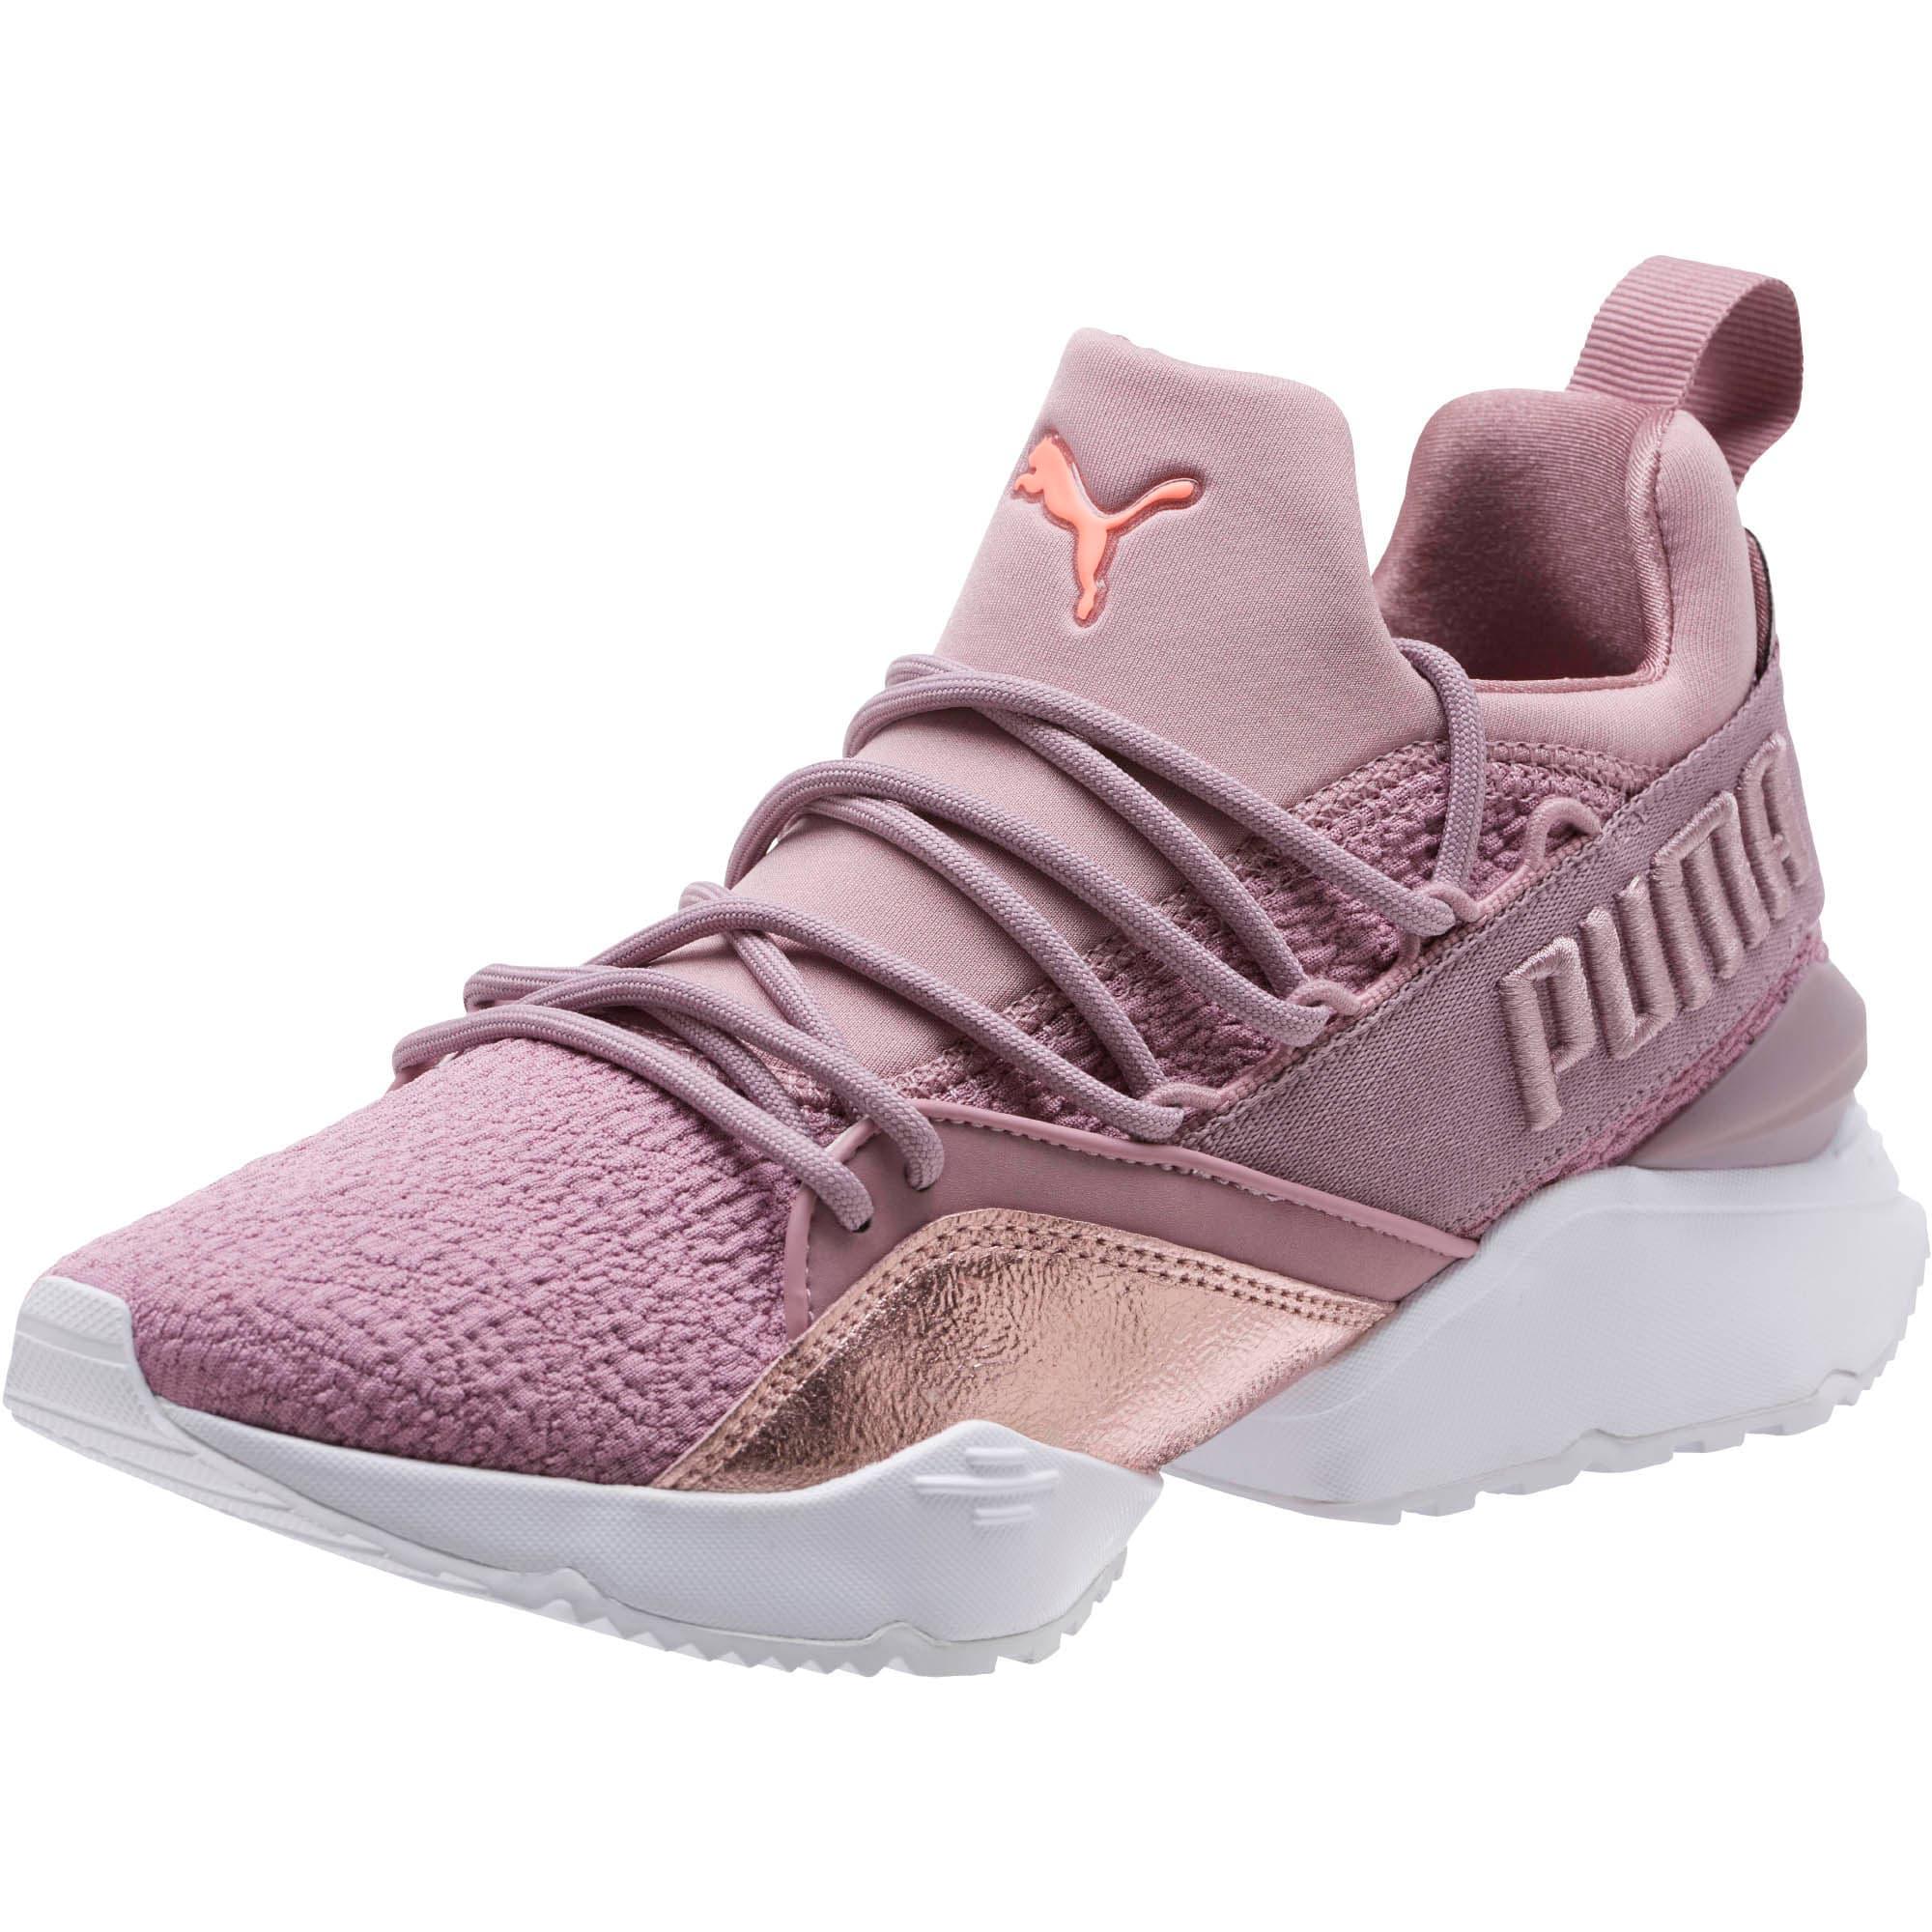 Muse Maia Bio Hacking Women's Sneakers